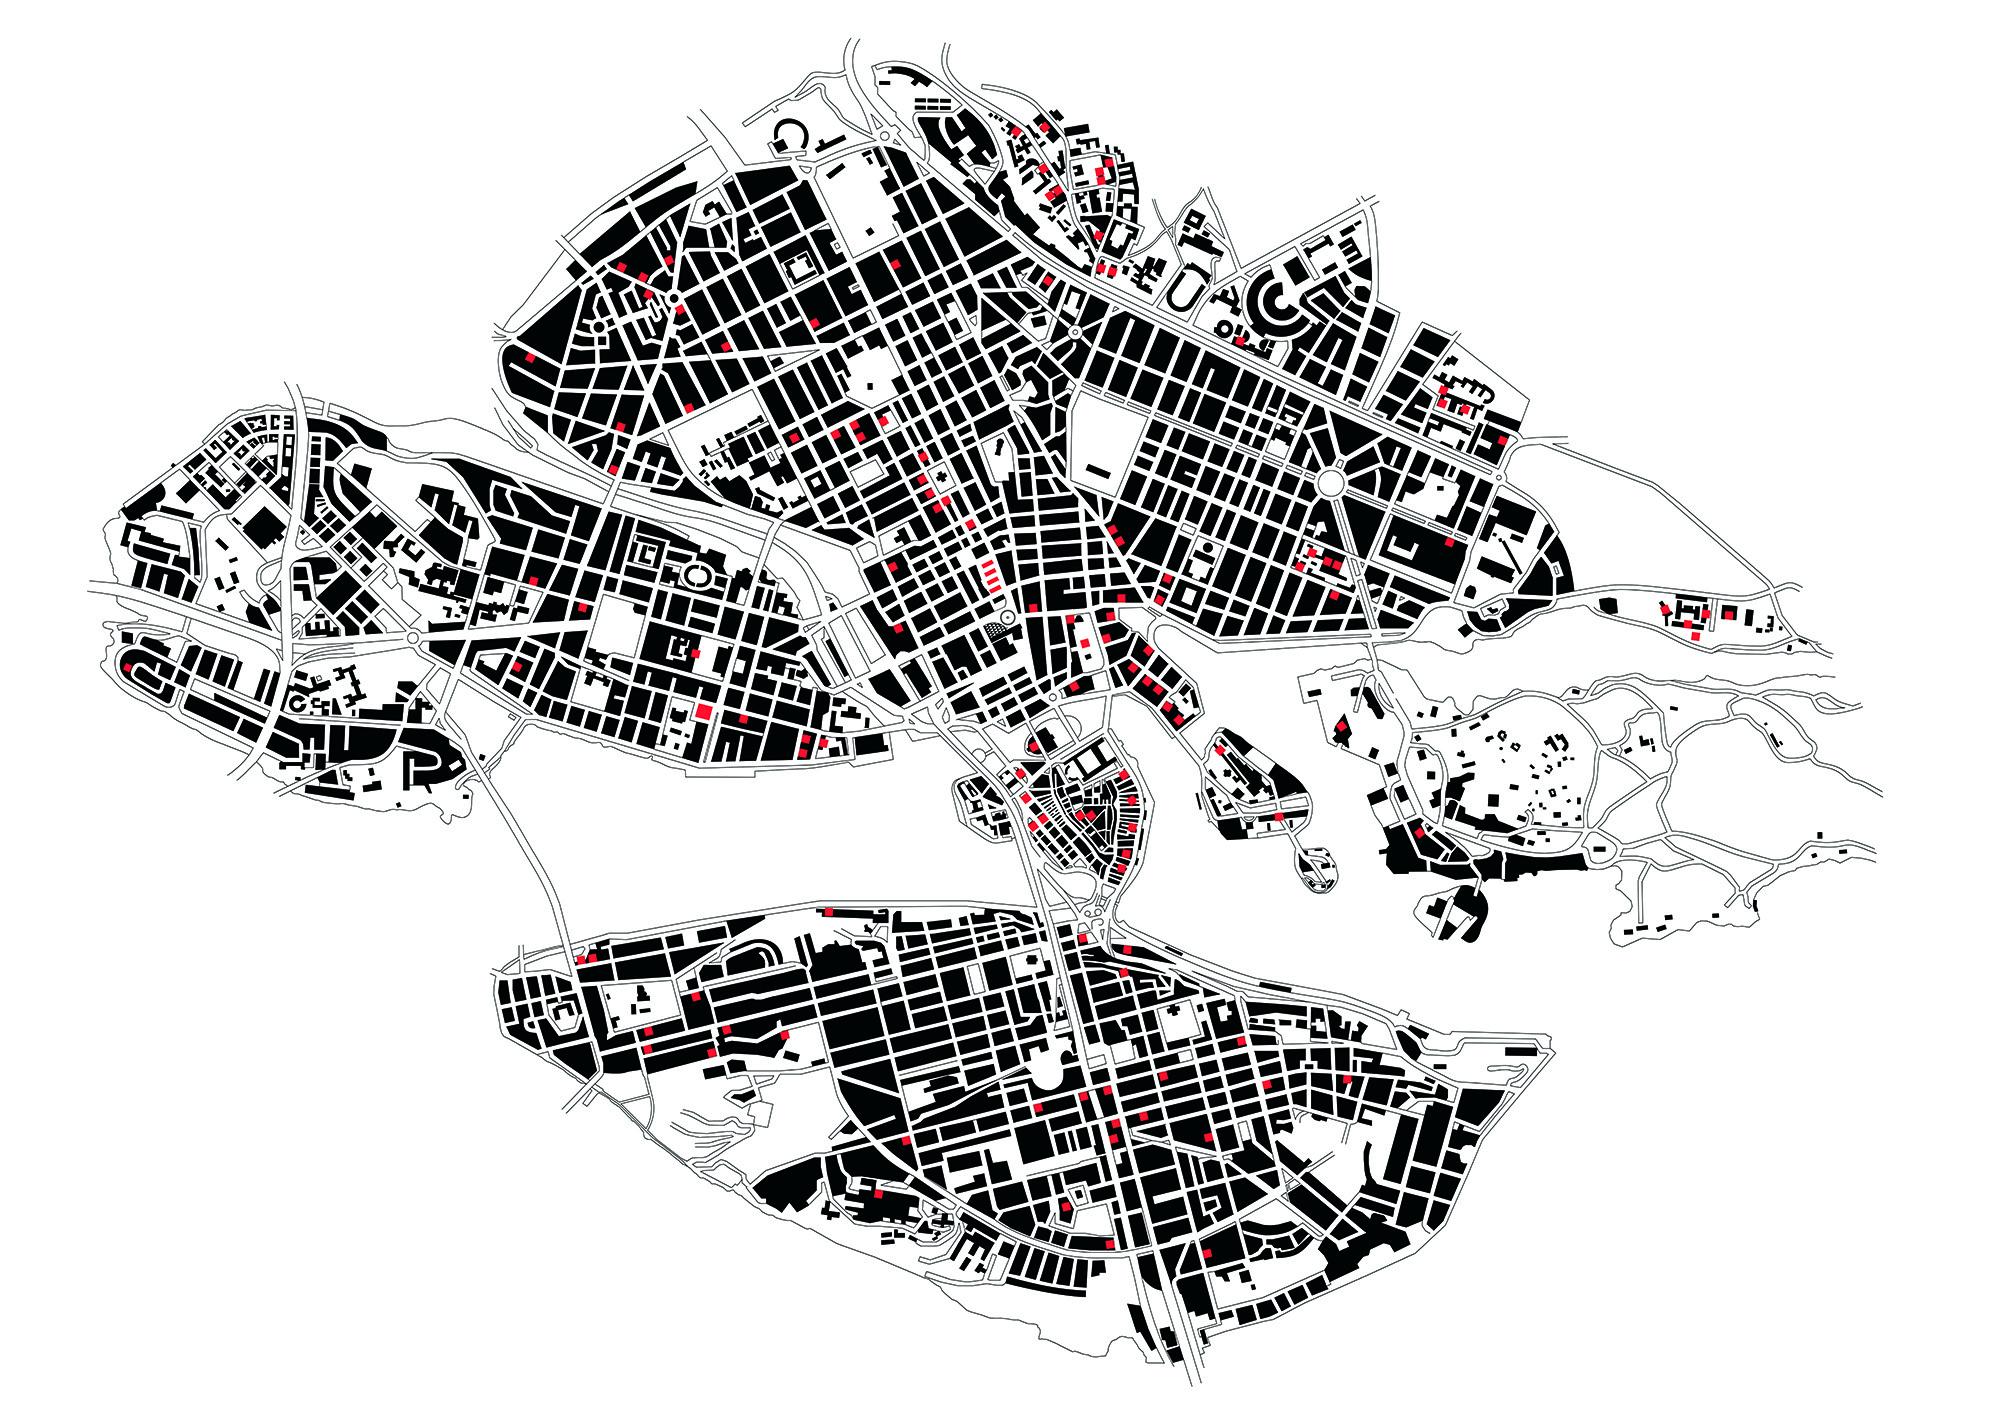 Z:Foton H-sidanya kartorStockholmstockholm2 Layout (1)